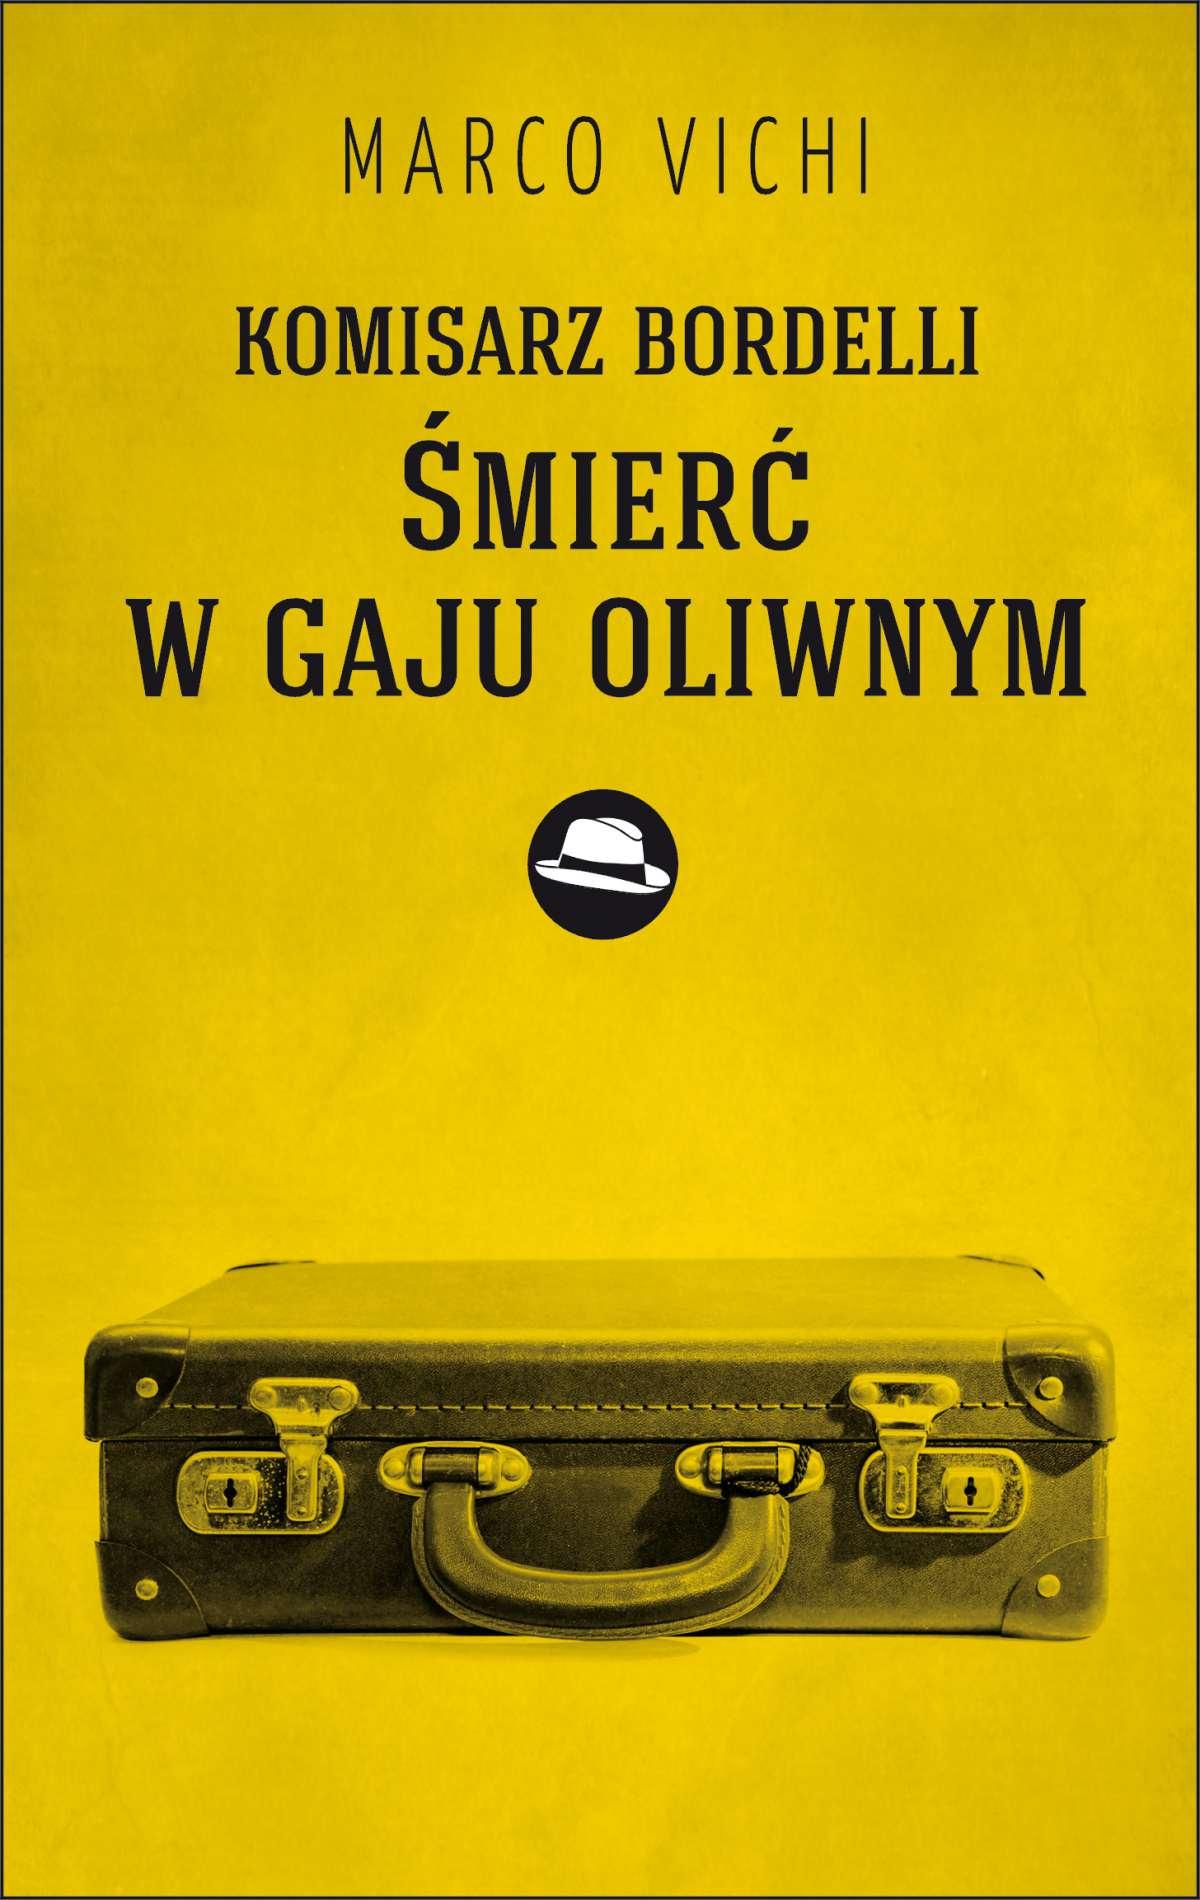 Komisarz Bordelli: Śmierć w gaju oliwnym - Ebook (Książka EPUB) do pobrania w formacie EPUB